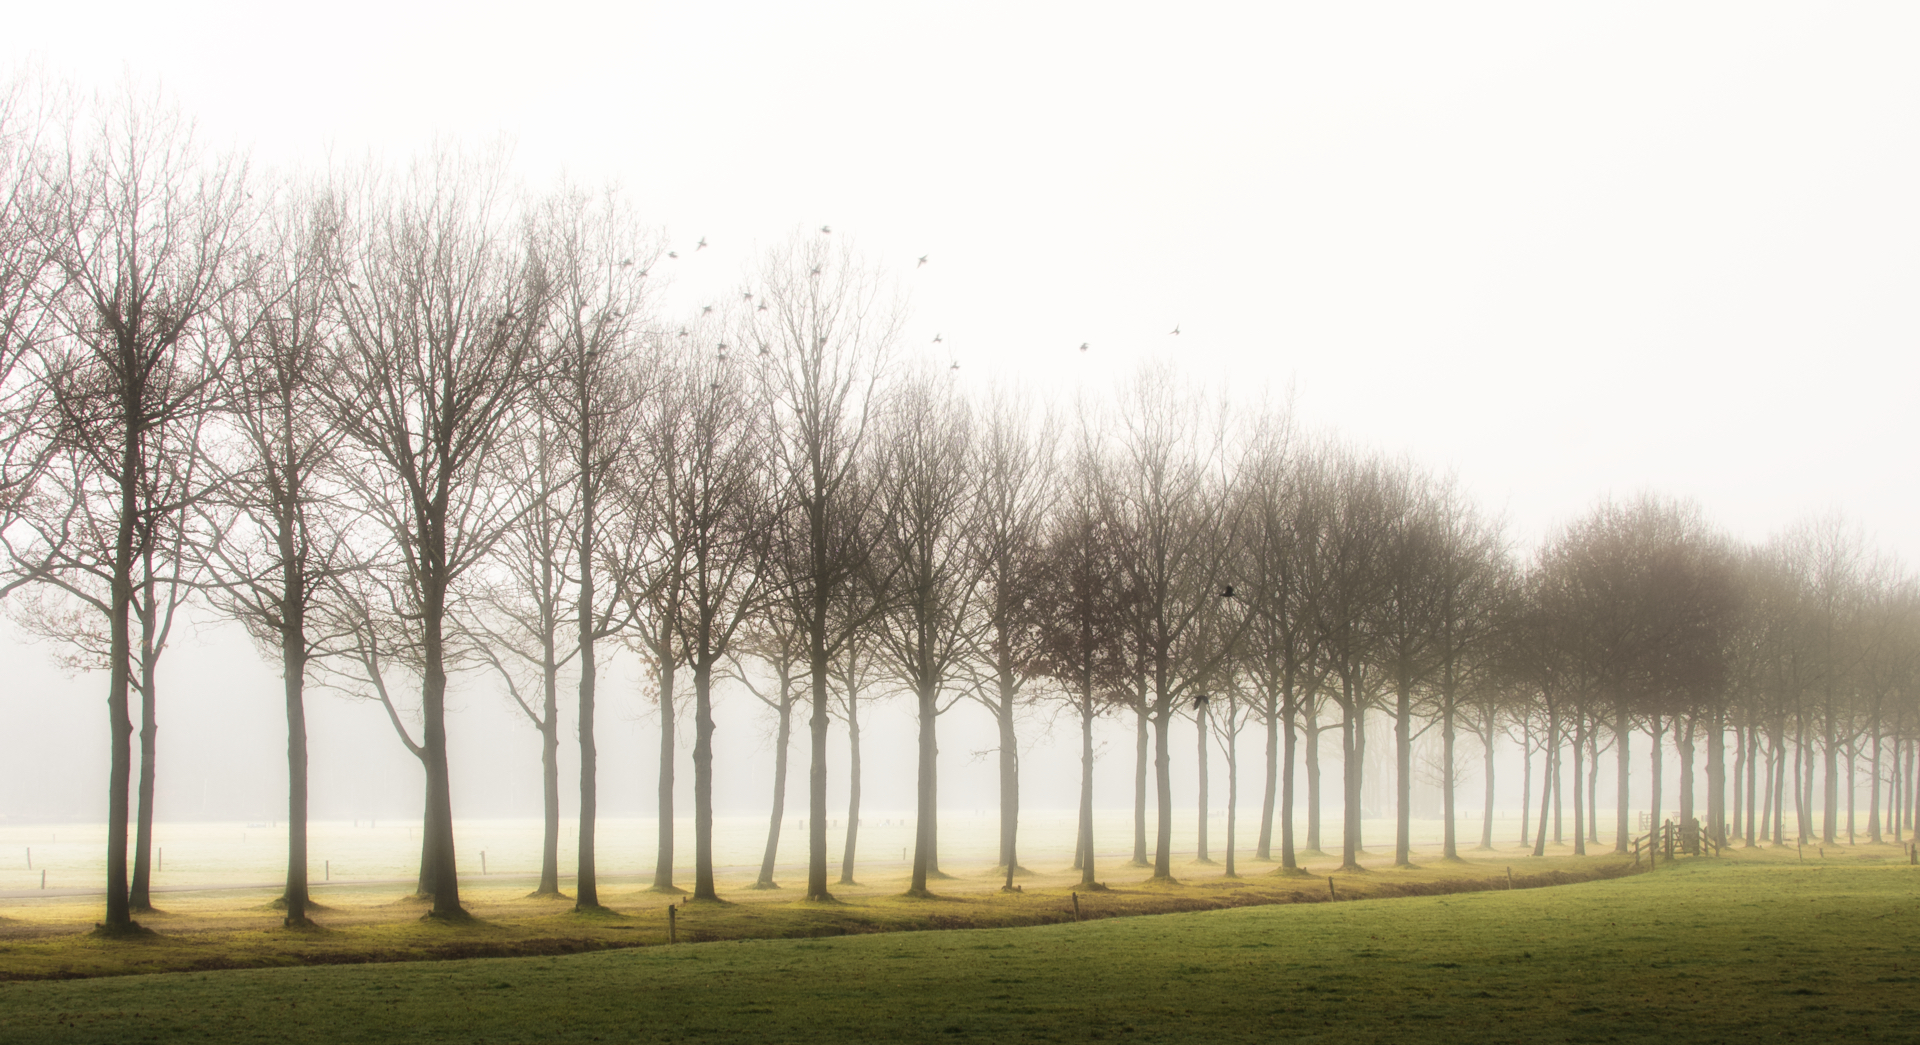 laatste beetje mist